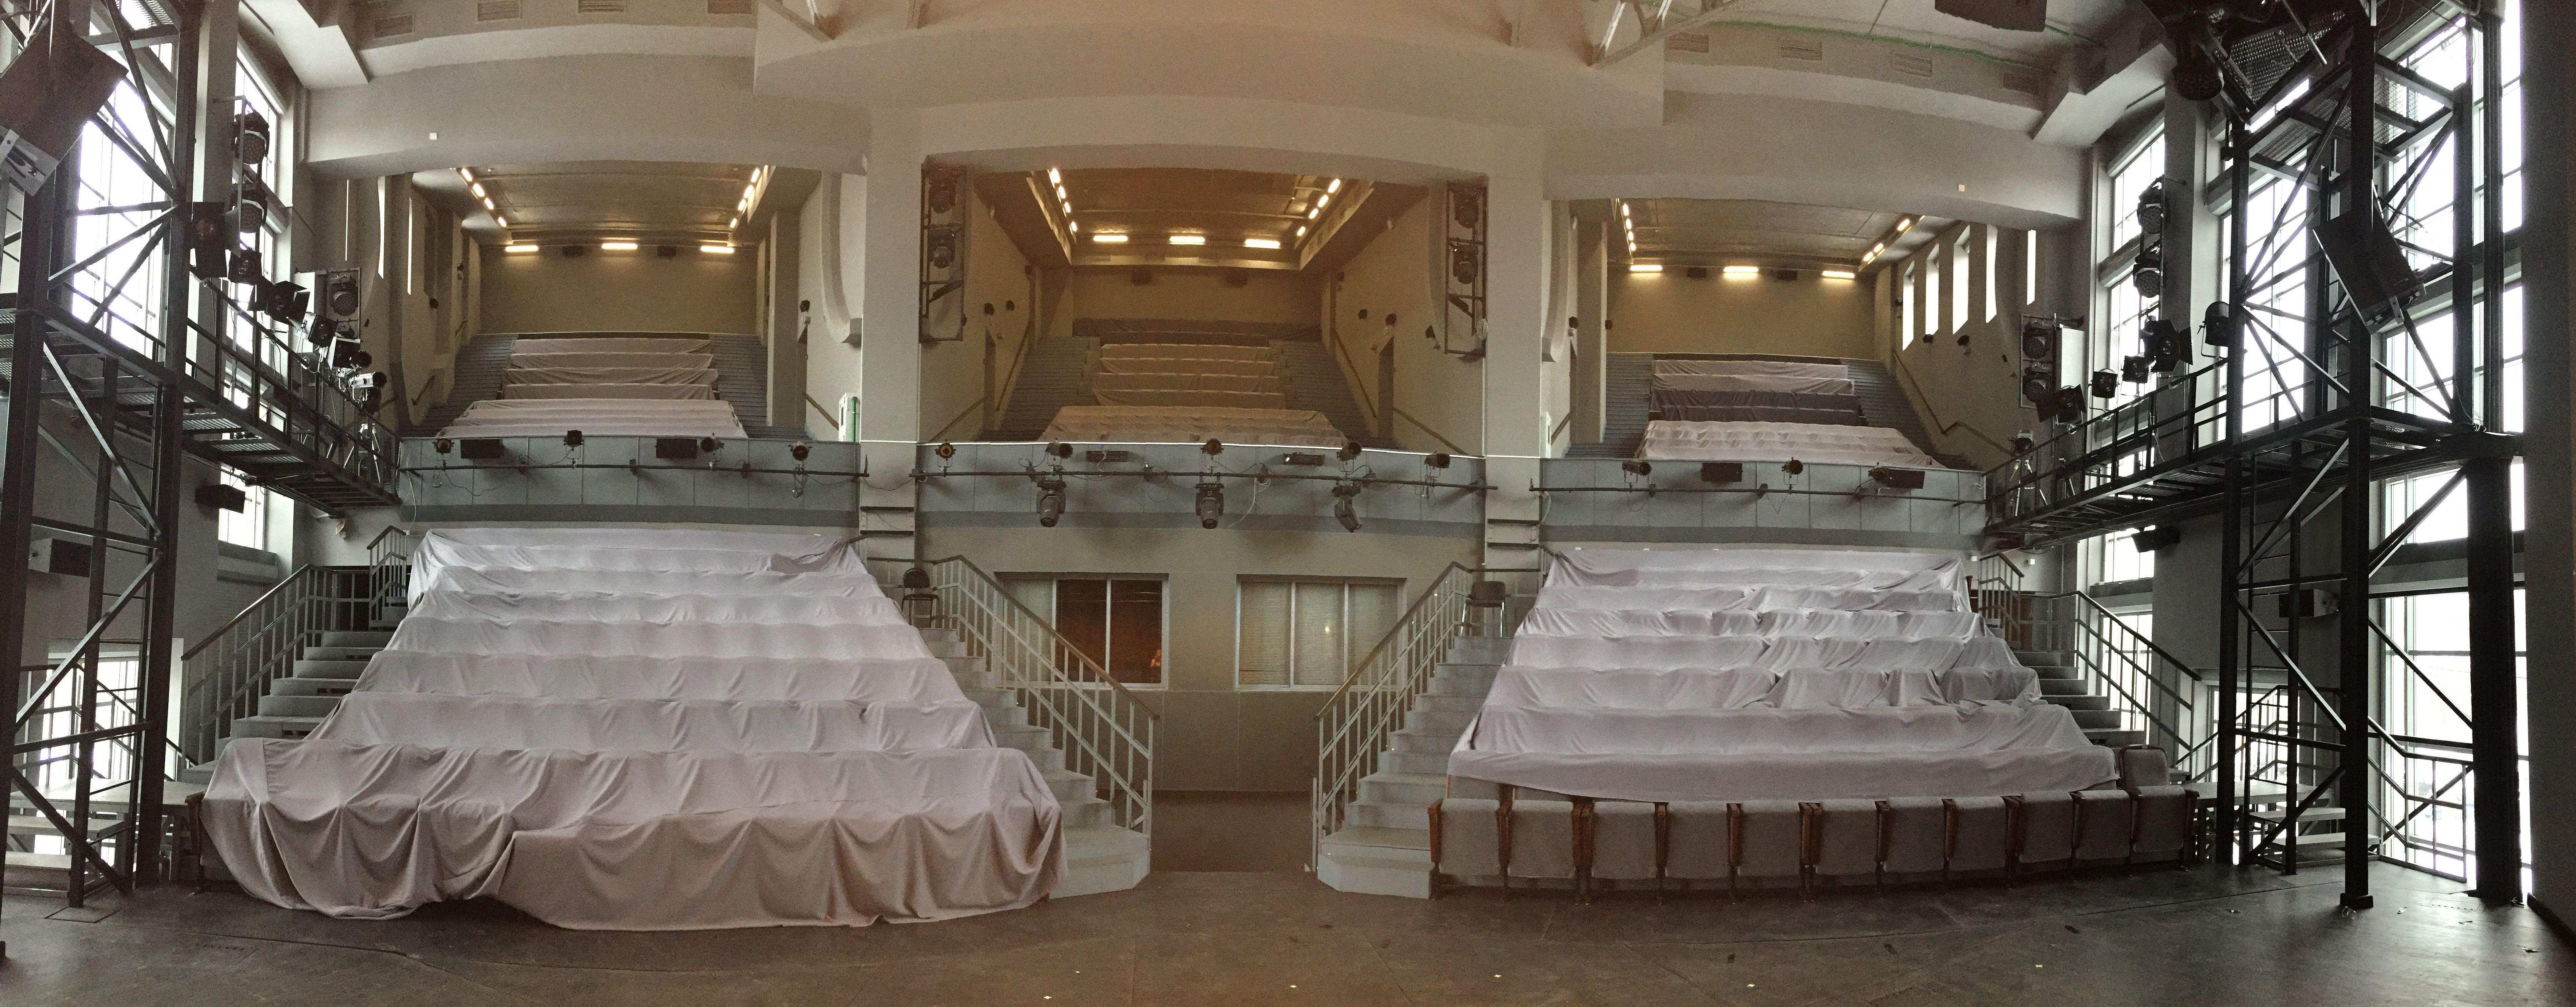 Схема зала театра романа виктюка